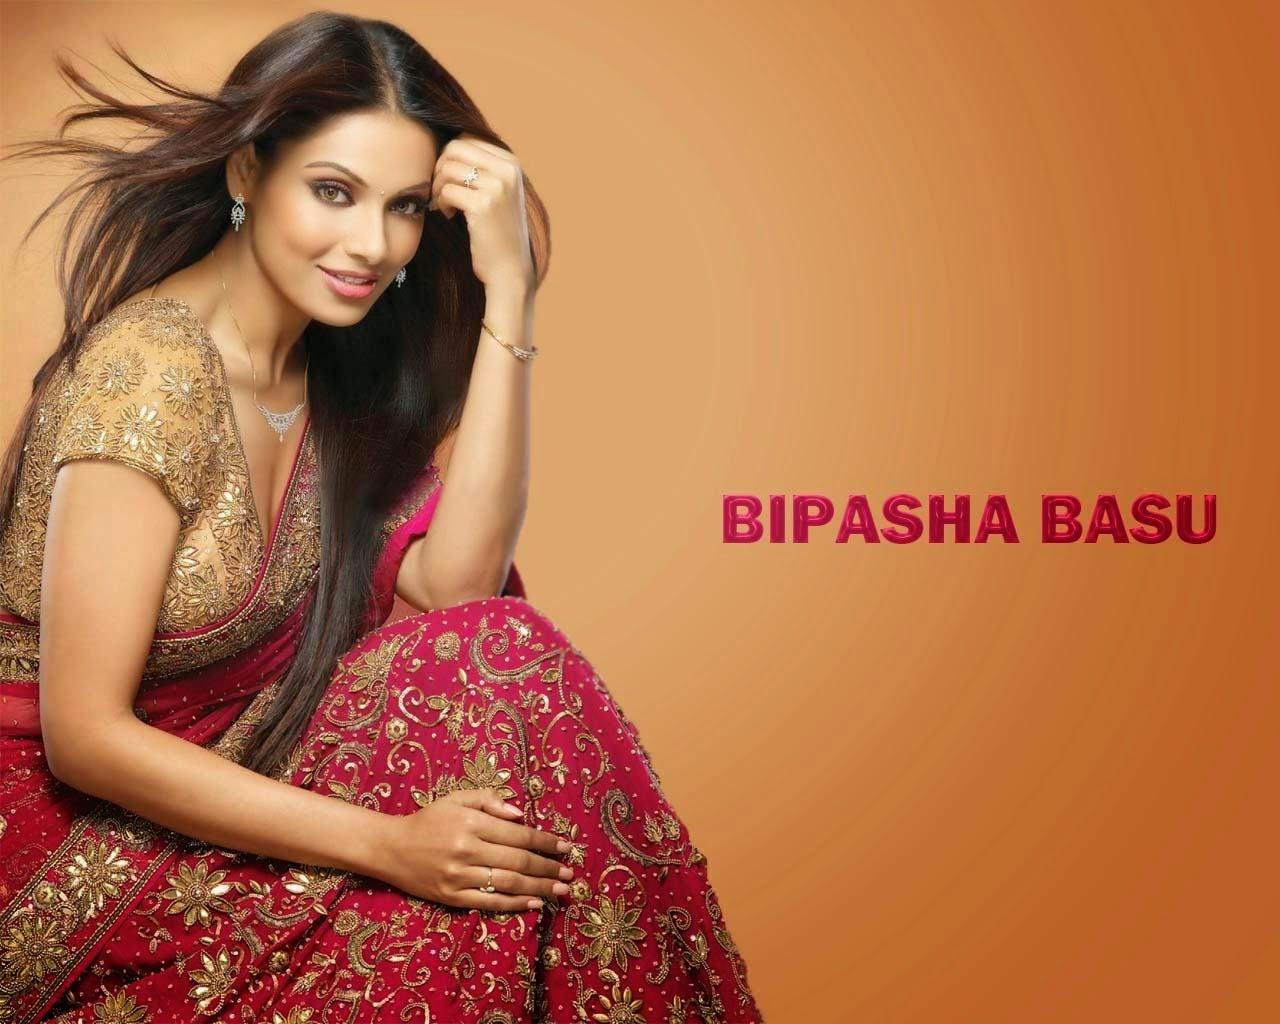 bipasha basu collection